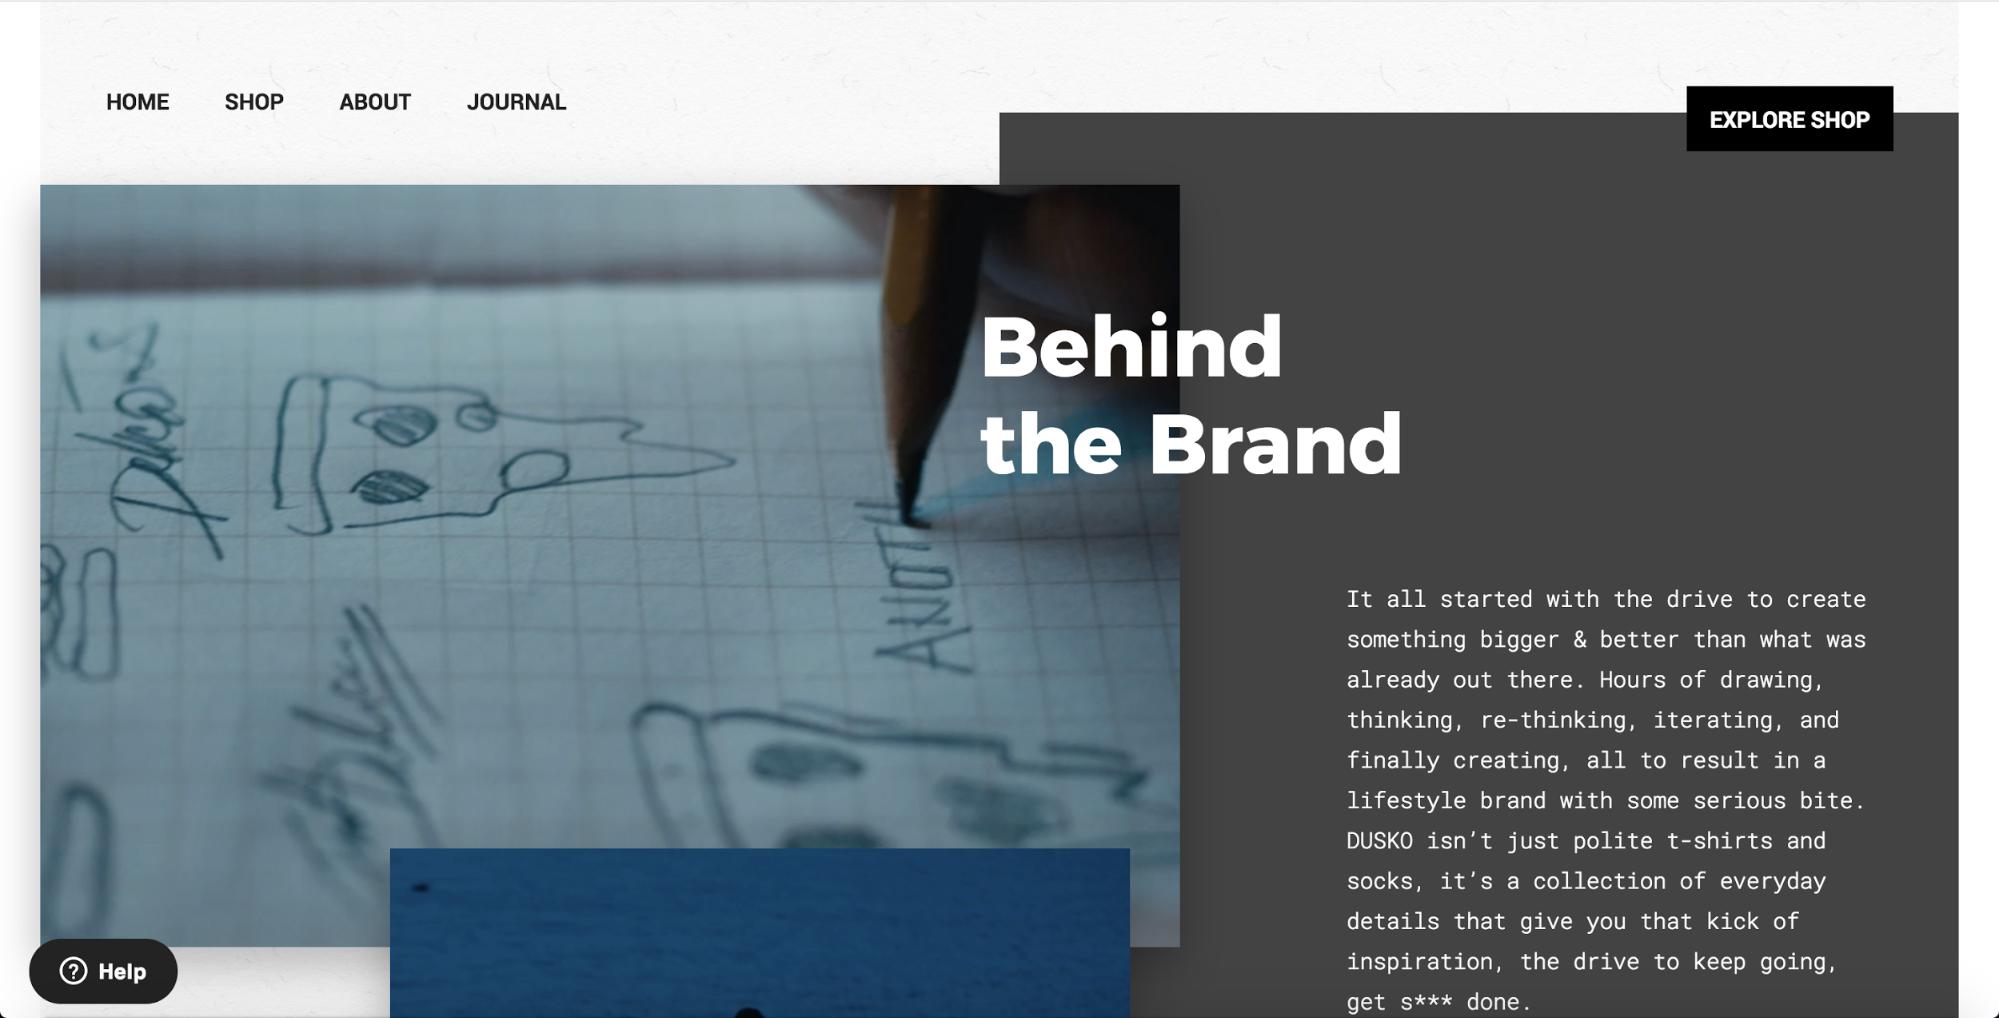 nuevas tendencias de diseño web